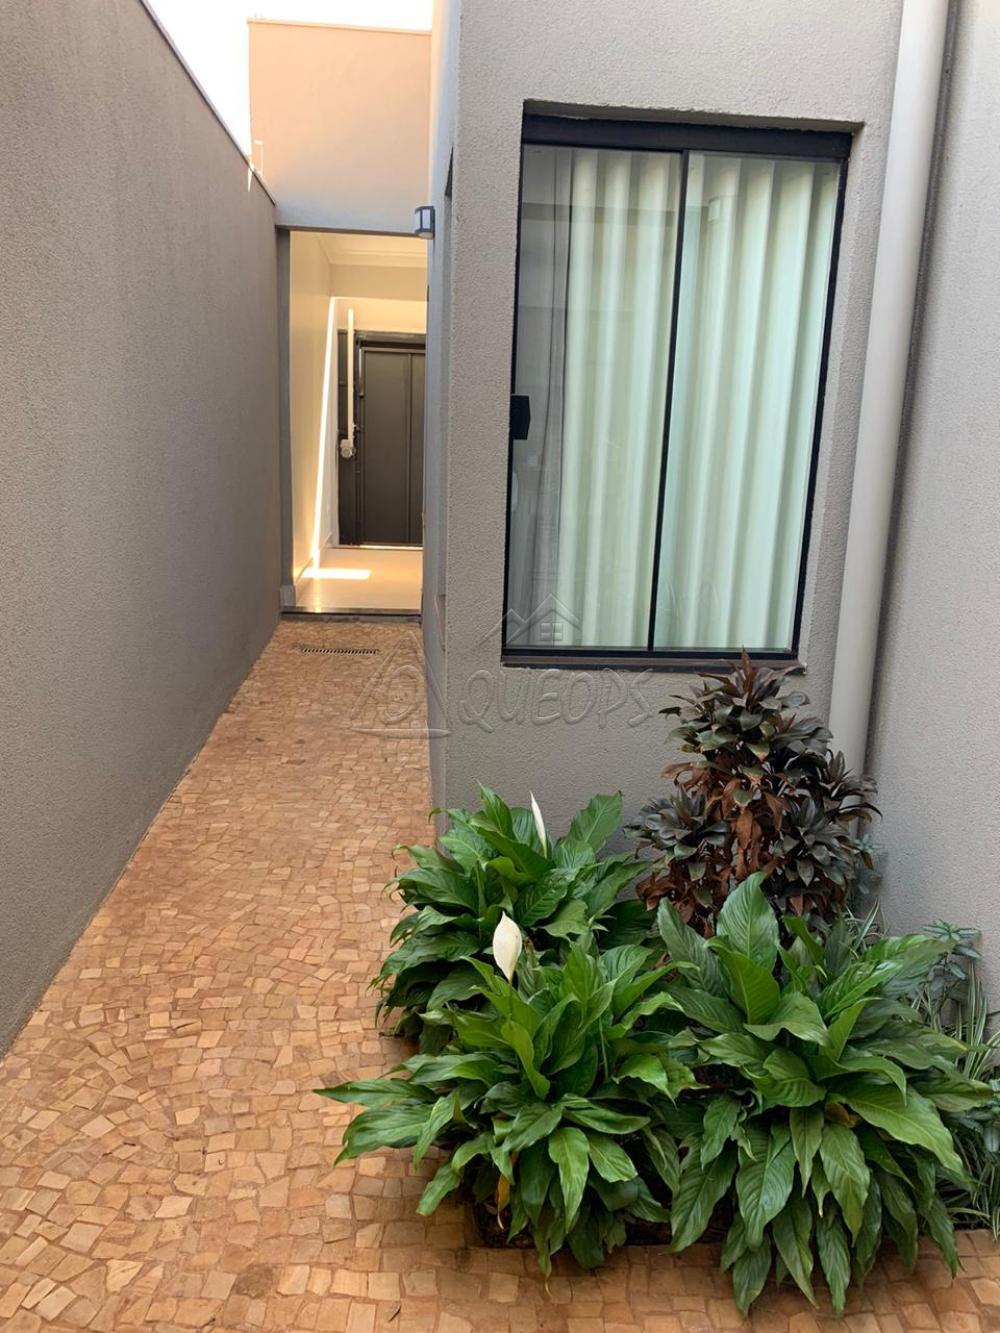 Comprar Casa / Padrão em Barretos apenas R$ 370.000,00 - Foto 15